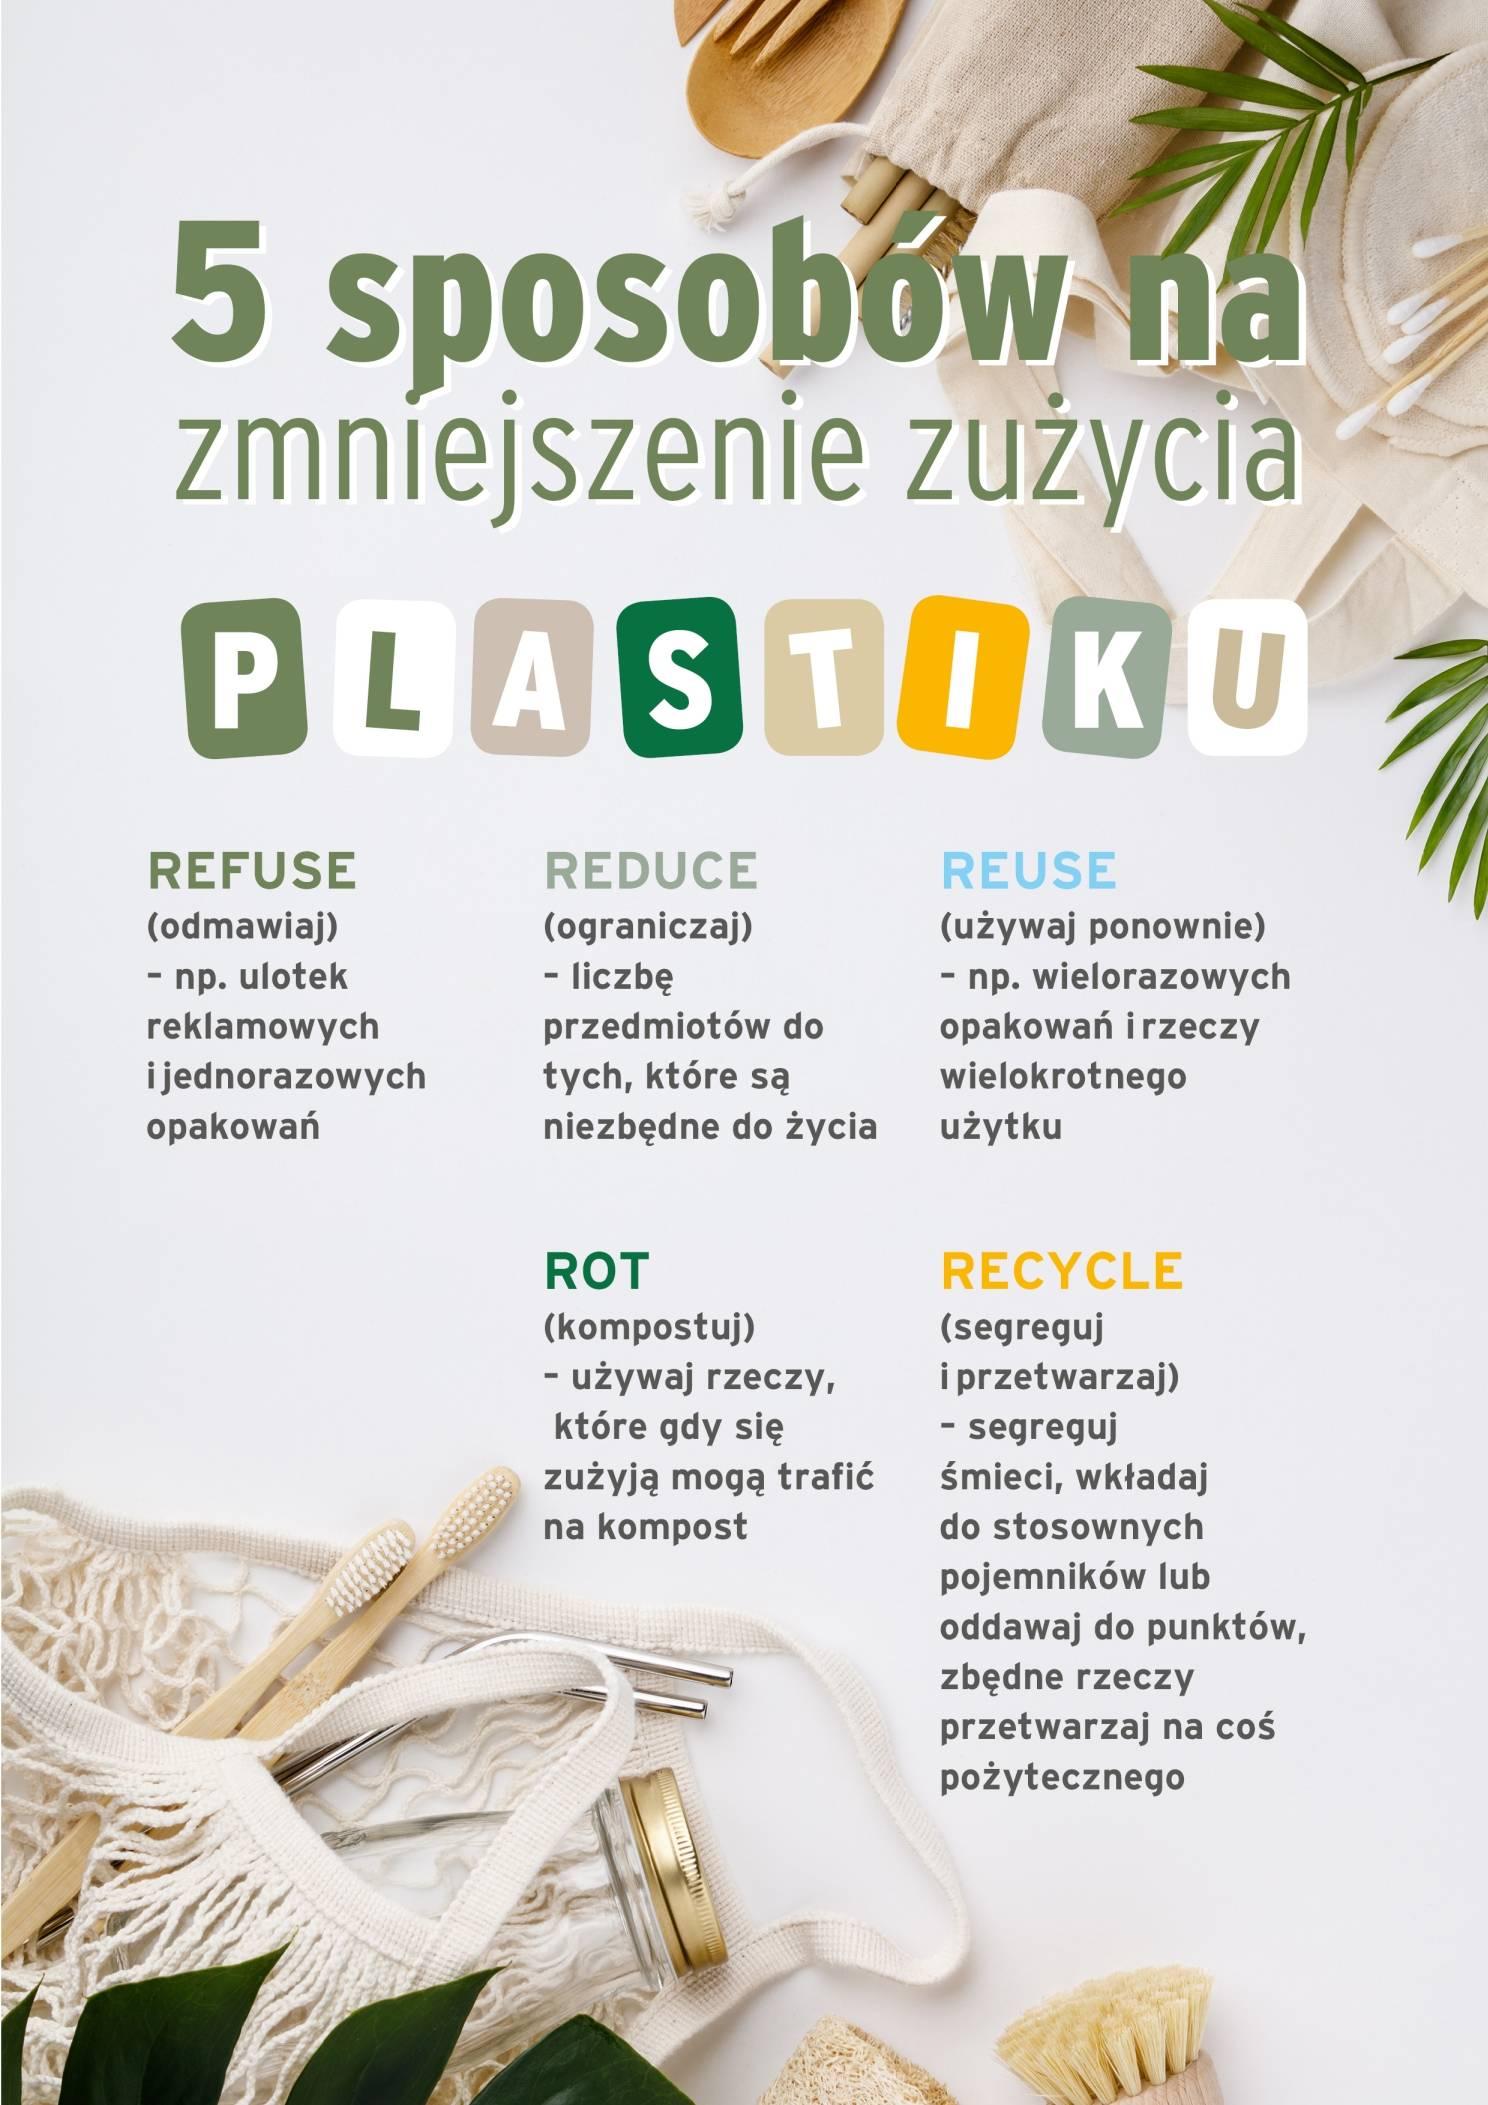 Zasady Zero Waste - jak używać mniej plastiku?